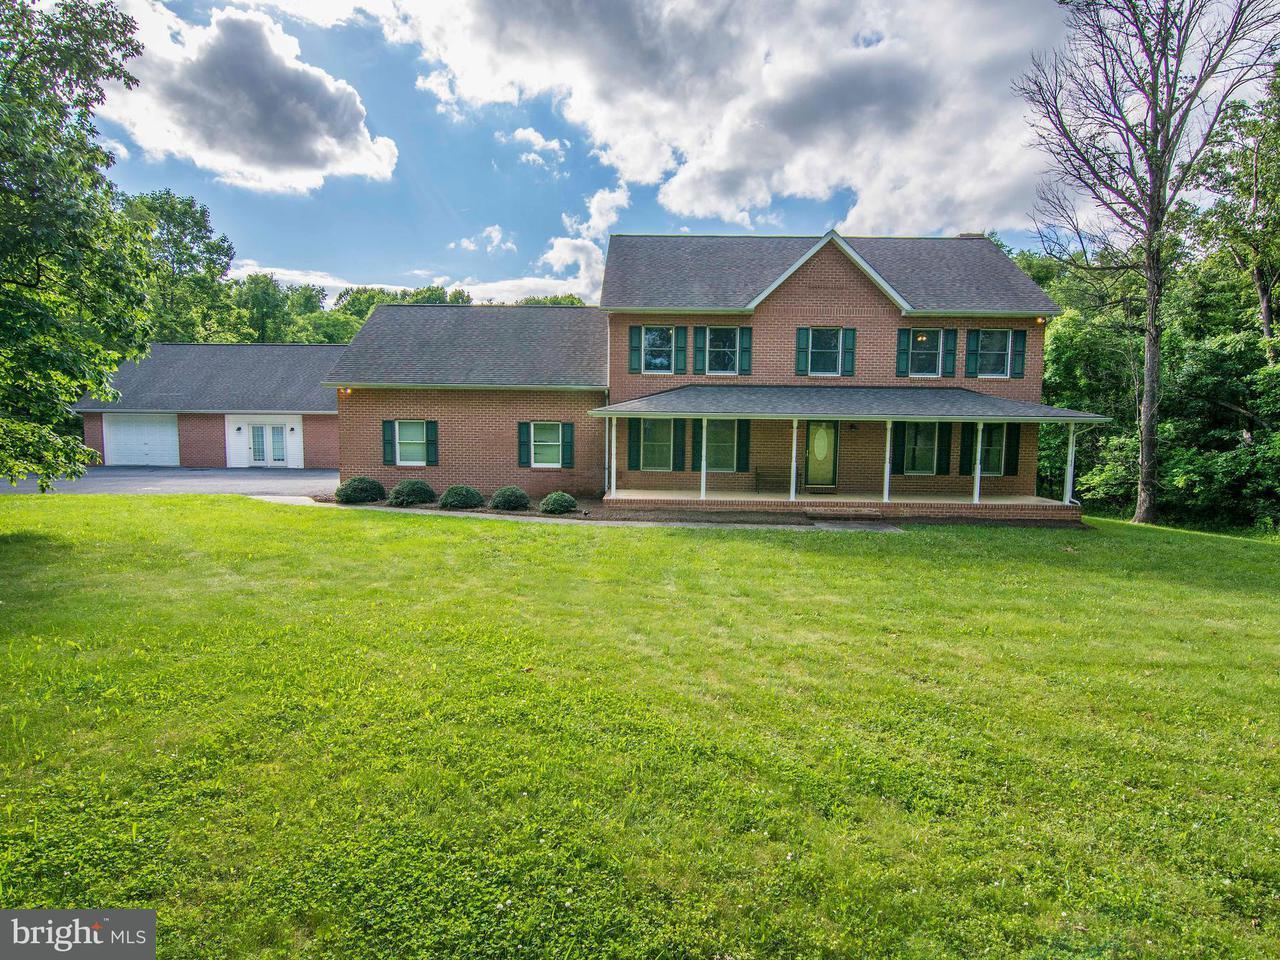 Частный односемейный дом для того Продажа на 1862 GOLDMILLER 1862 GOLDMILLER Bunker Hill, Западная Виргиния 25413 Соединенные Штаты